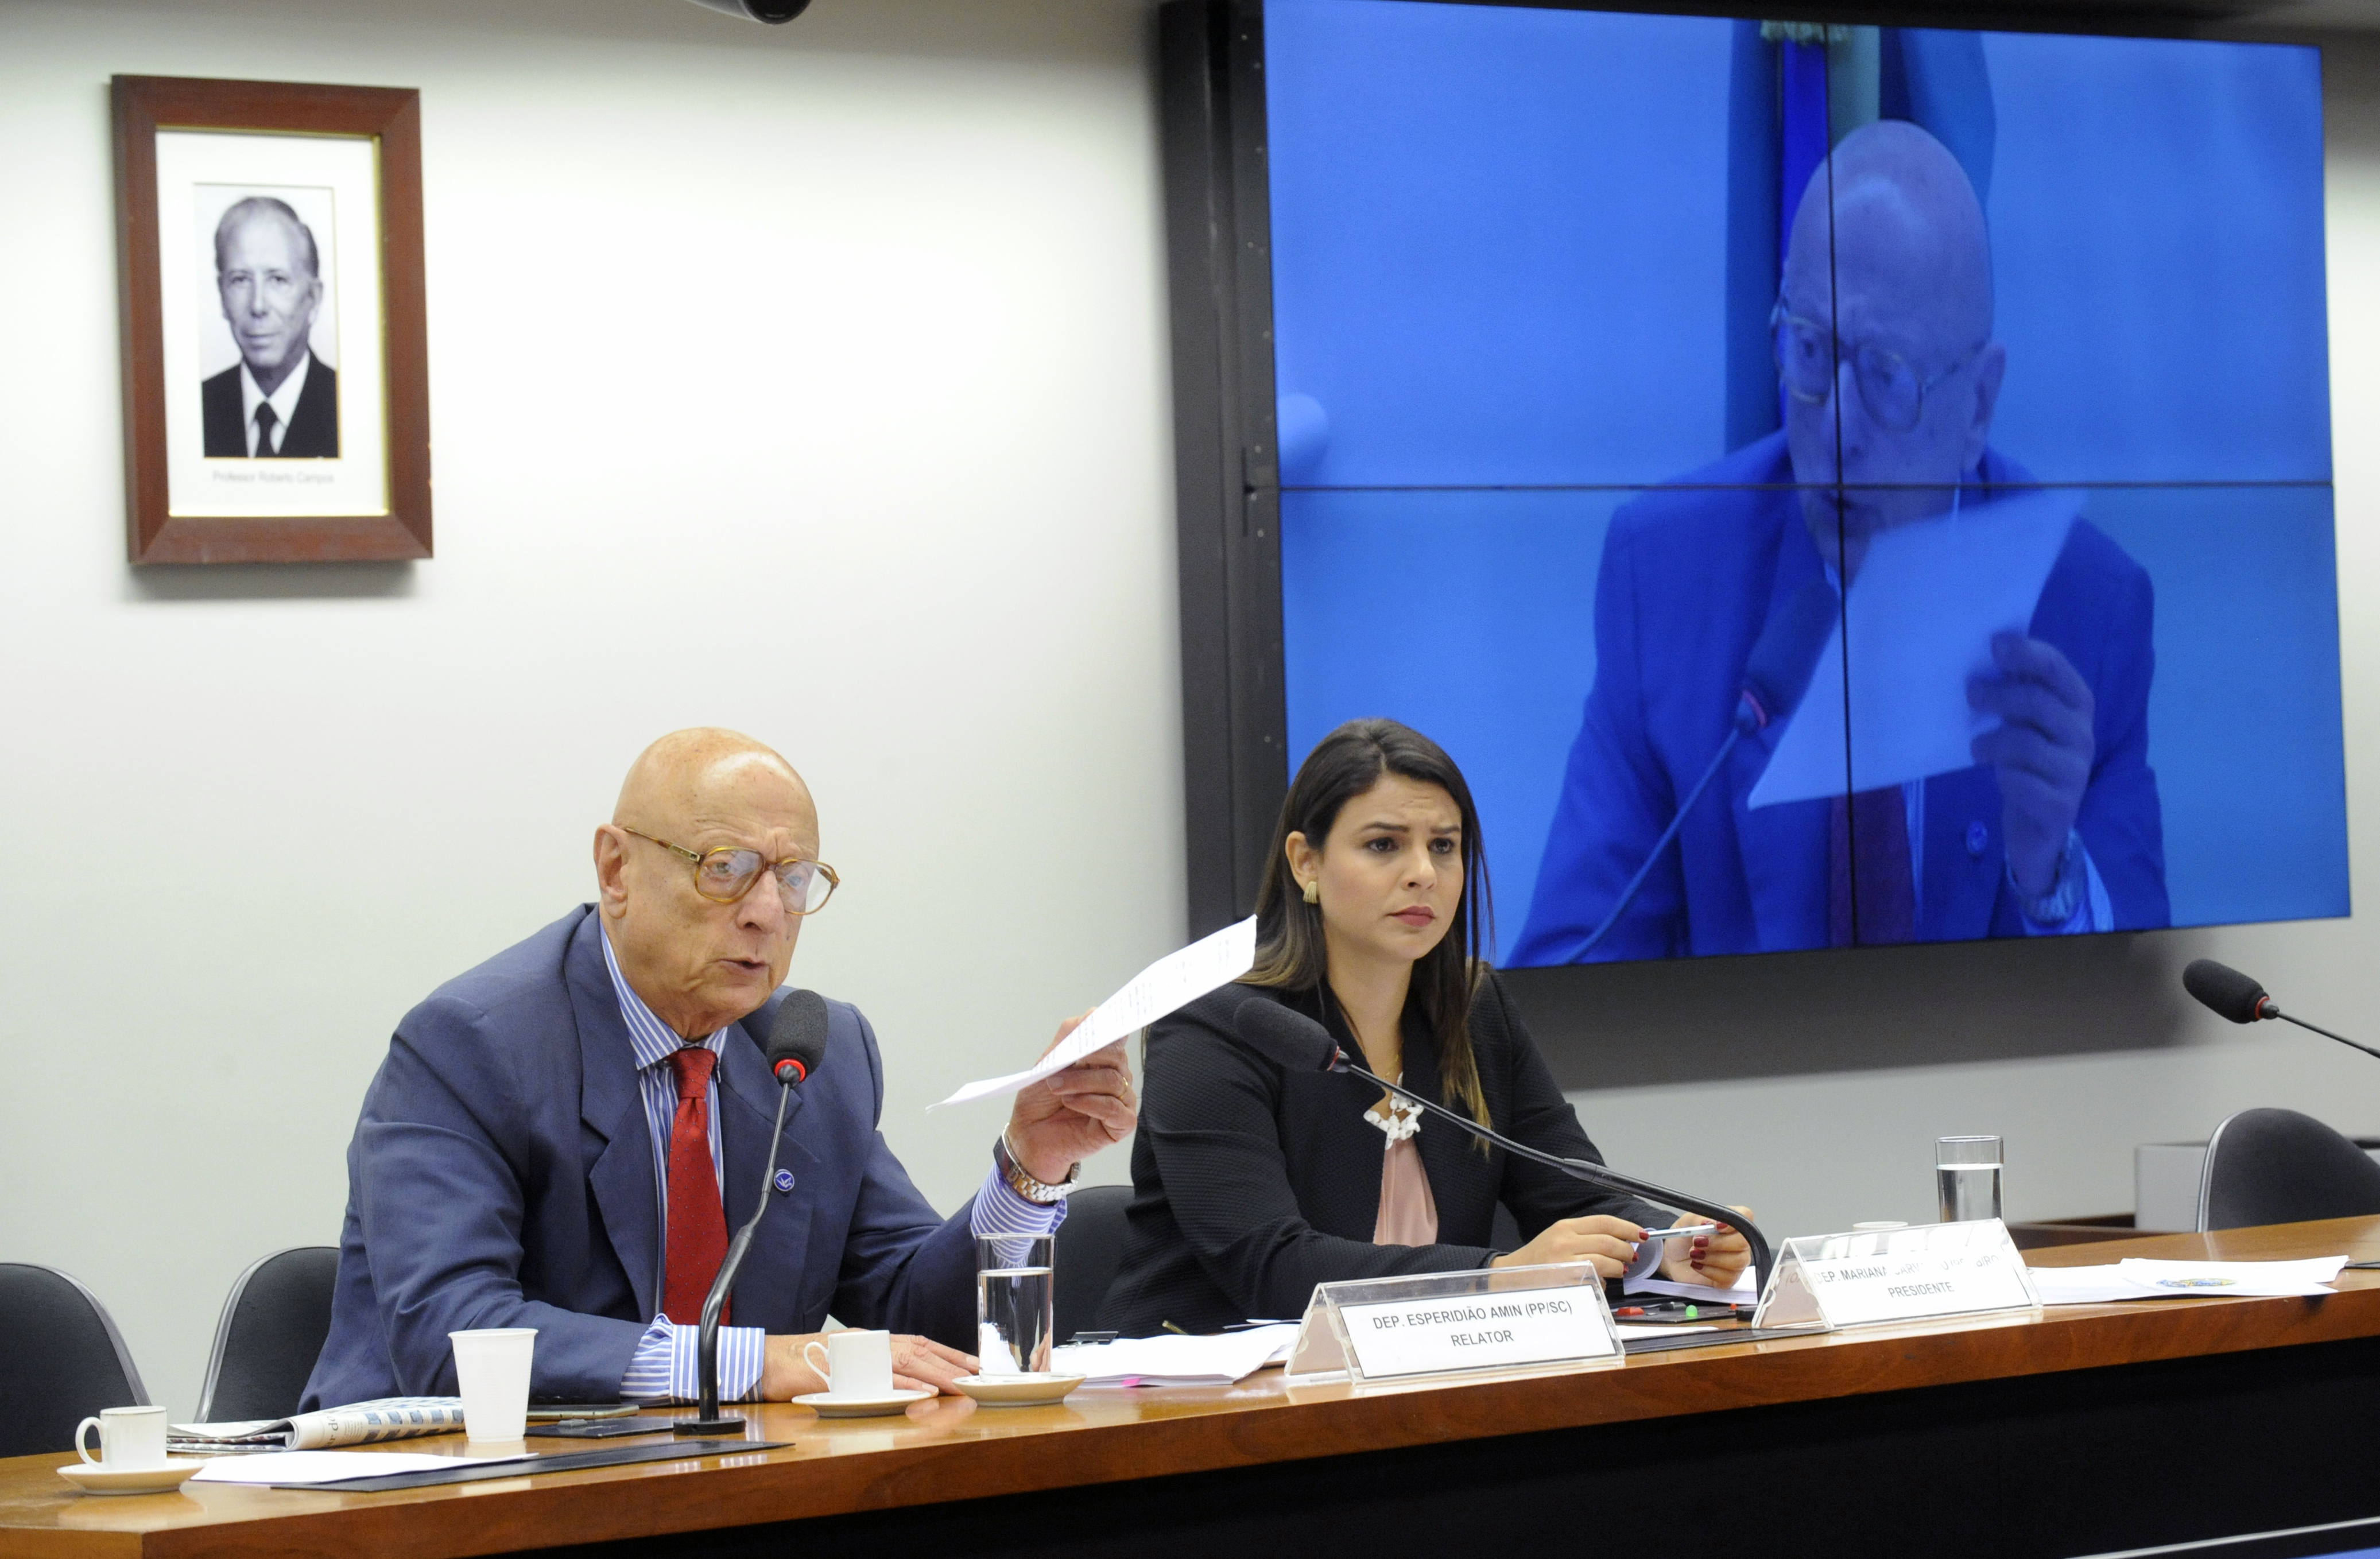 Reunião ordinária para discussão e votação do relatório final